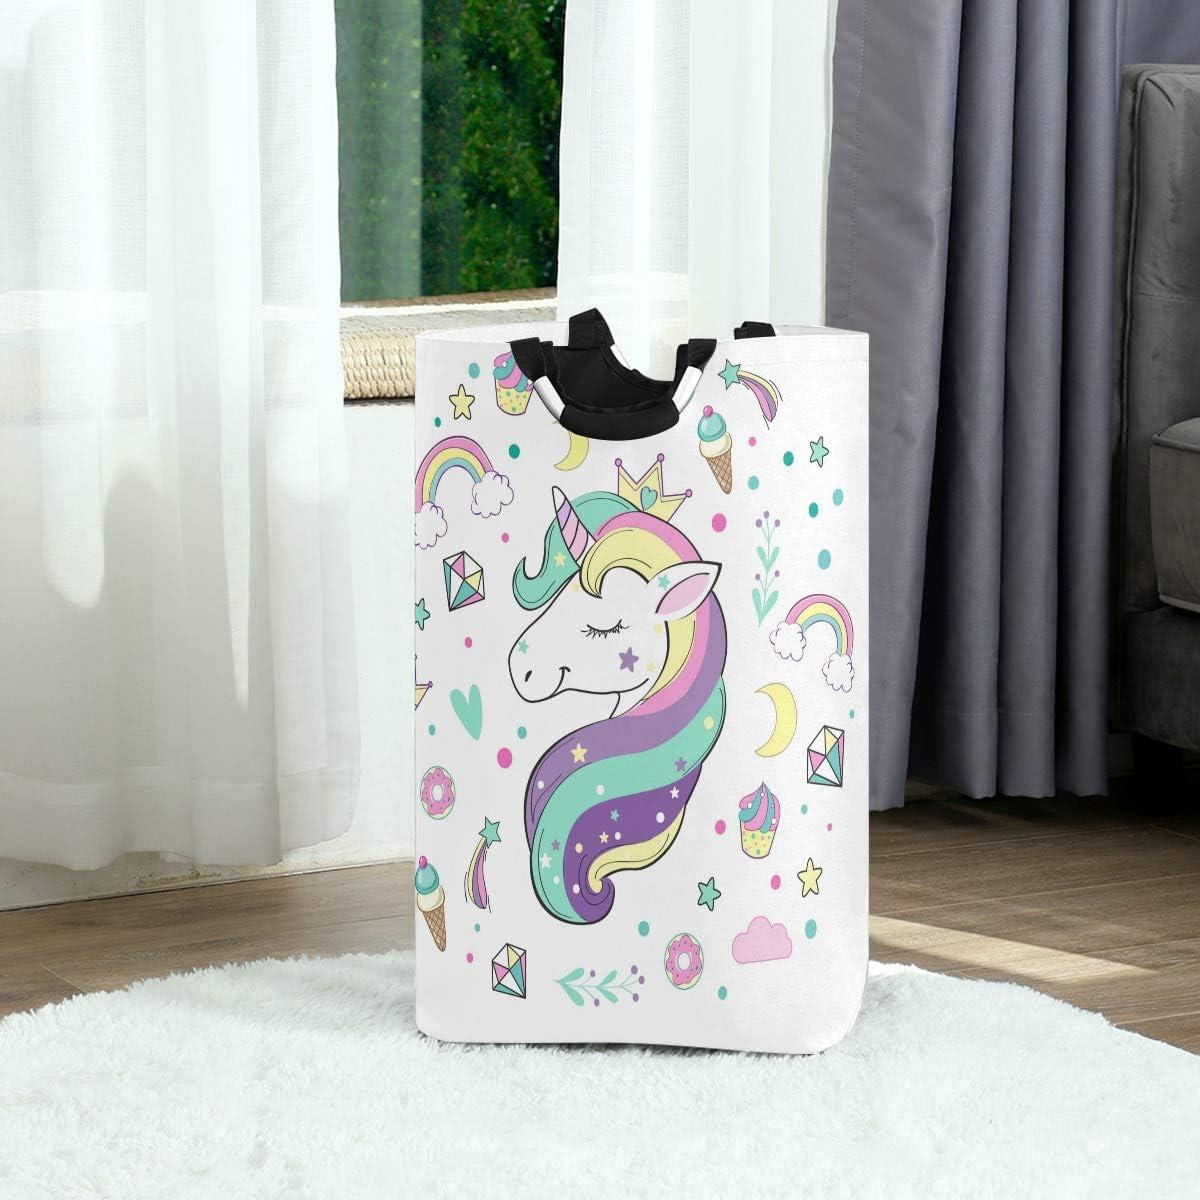 impermeabile camera da letto con manici per bambini Mnsruu per cameretta bagno pieghevole Cesto portabiancheria a forma di unicorno e arcobaleno